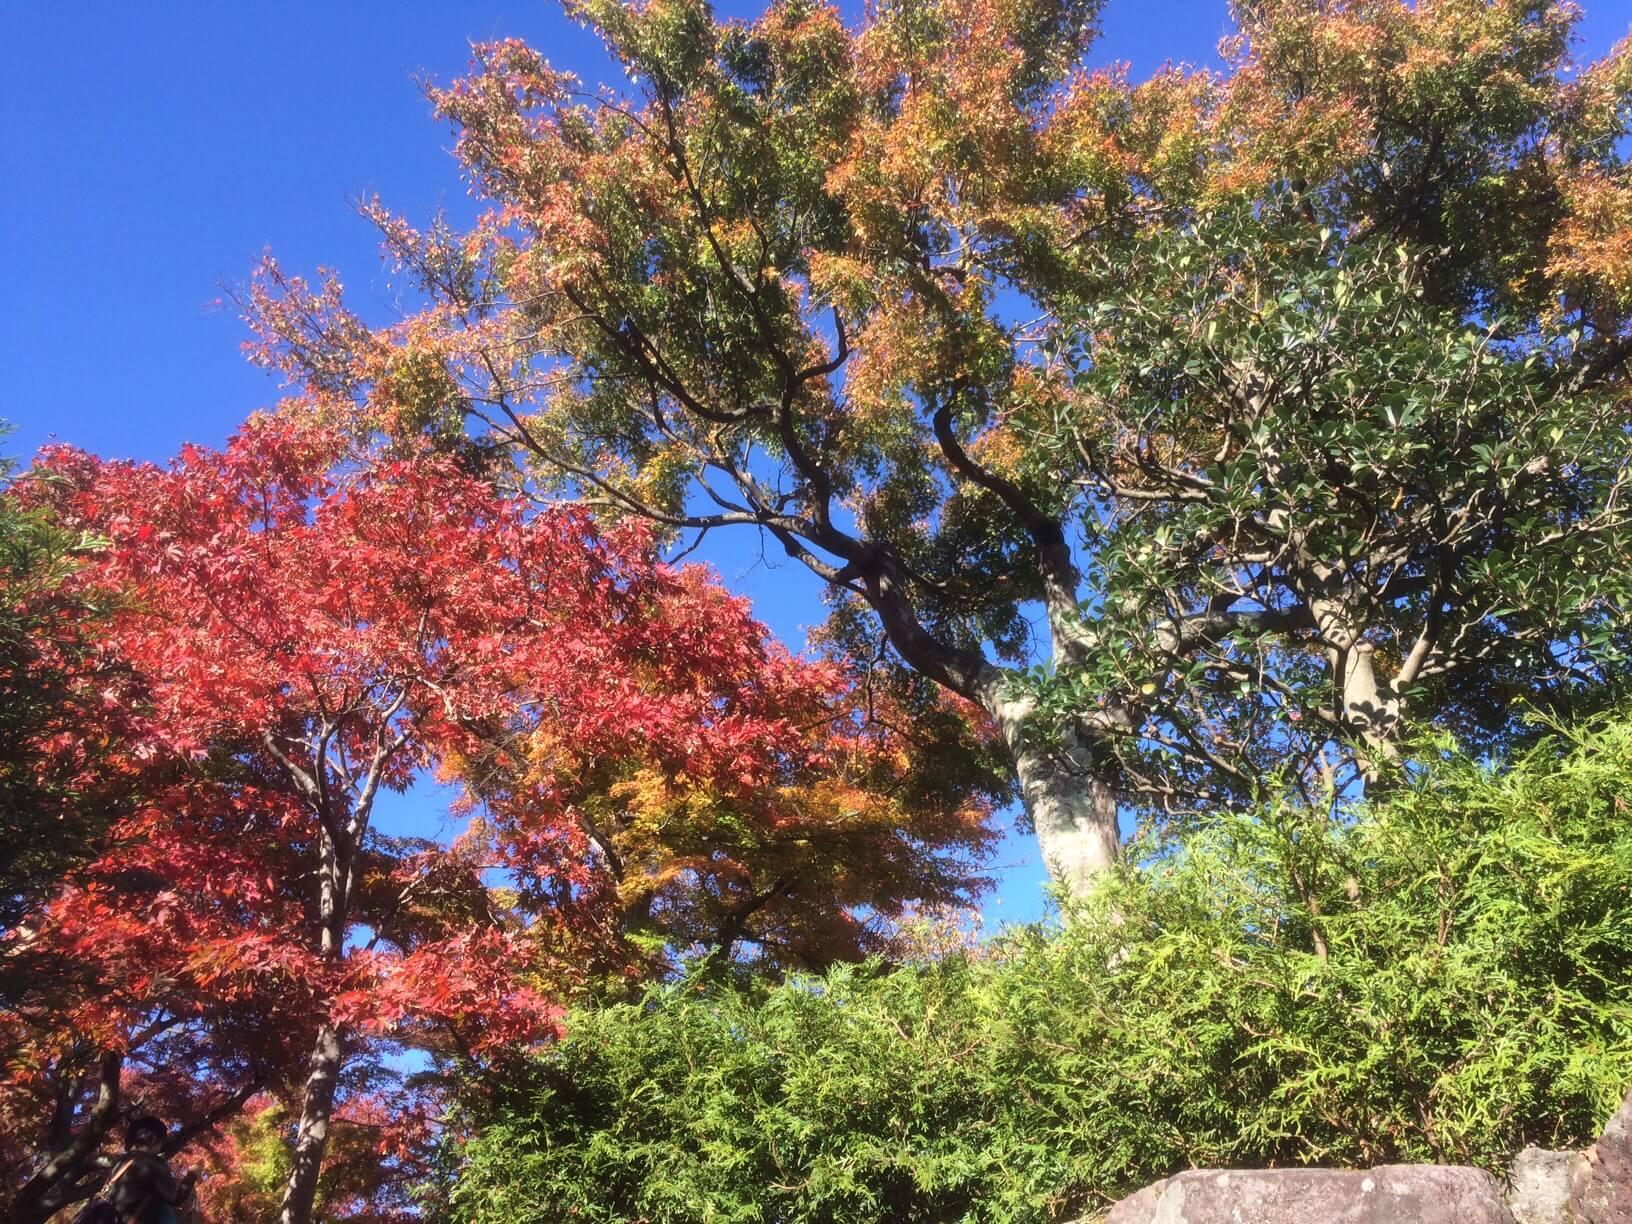 箱根美術館の紅葉した木々